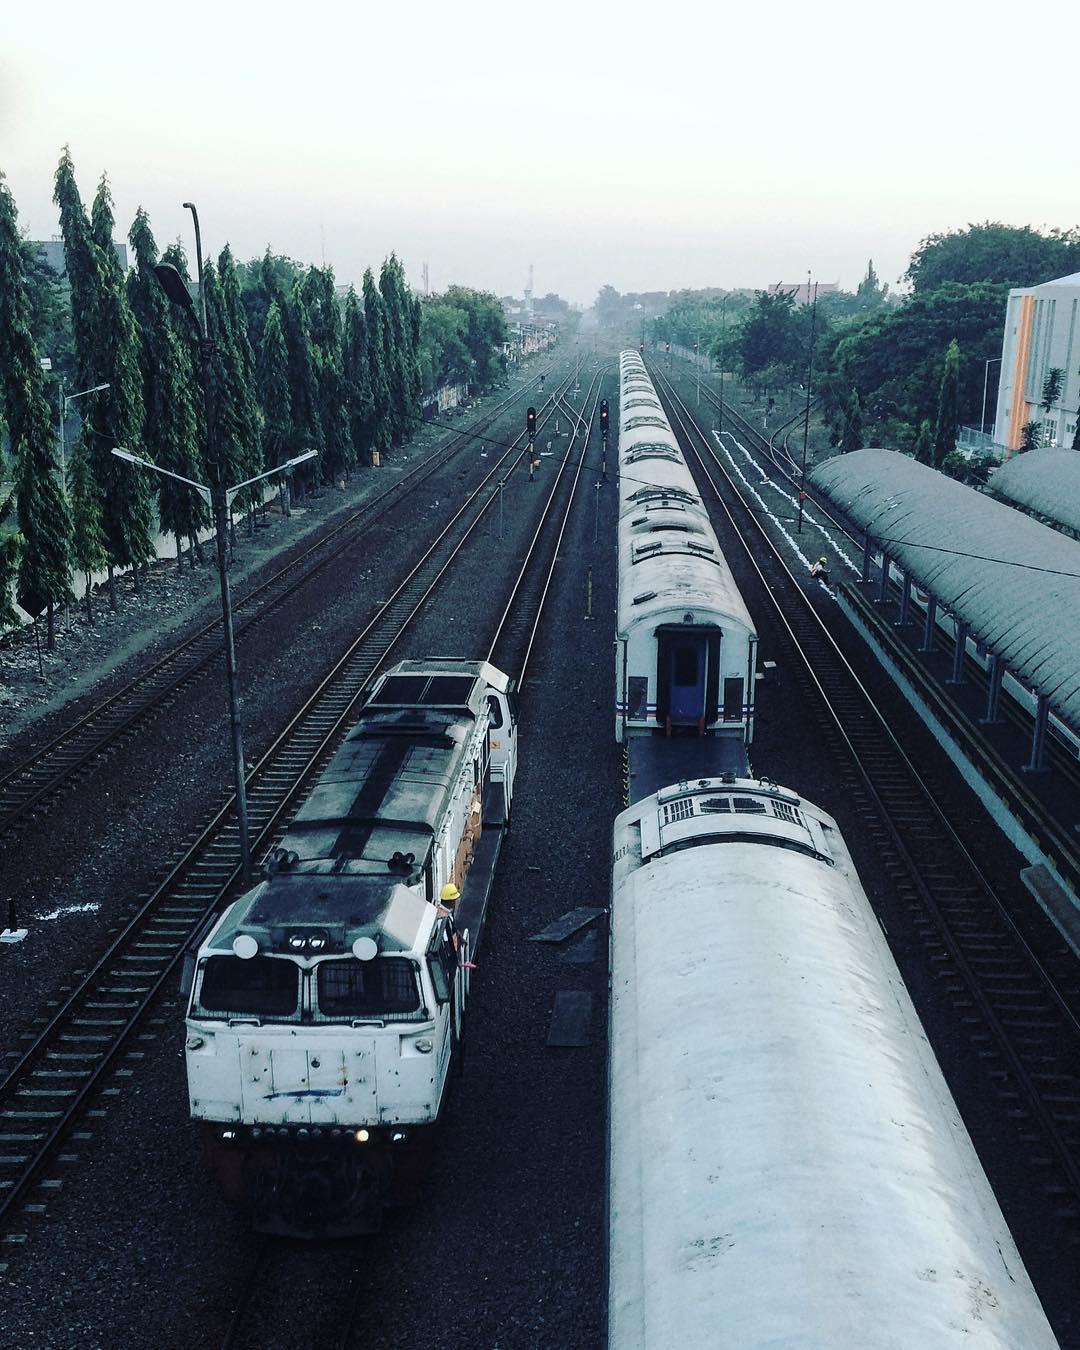 Stasiun Gubeng Surabaya, Stasiun Gubeng, Gubeng Surabaya, Dolan Dolen, Dolaners Stasiun Gubeng Surabaya by afreesetyad - Dolan Dolen